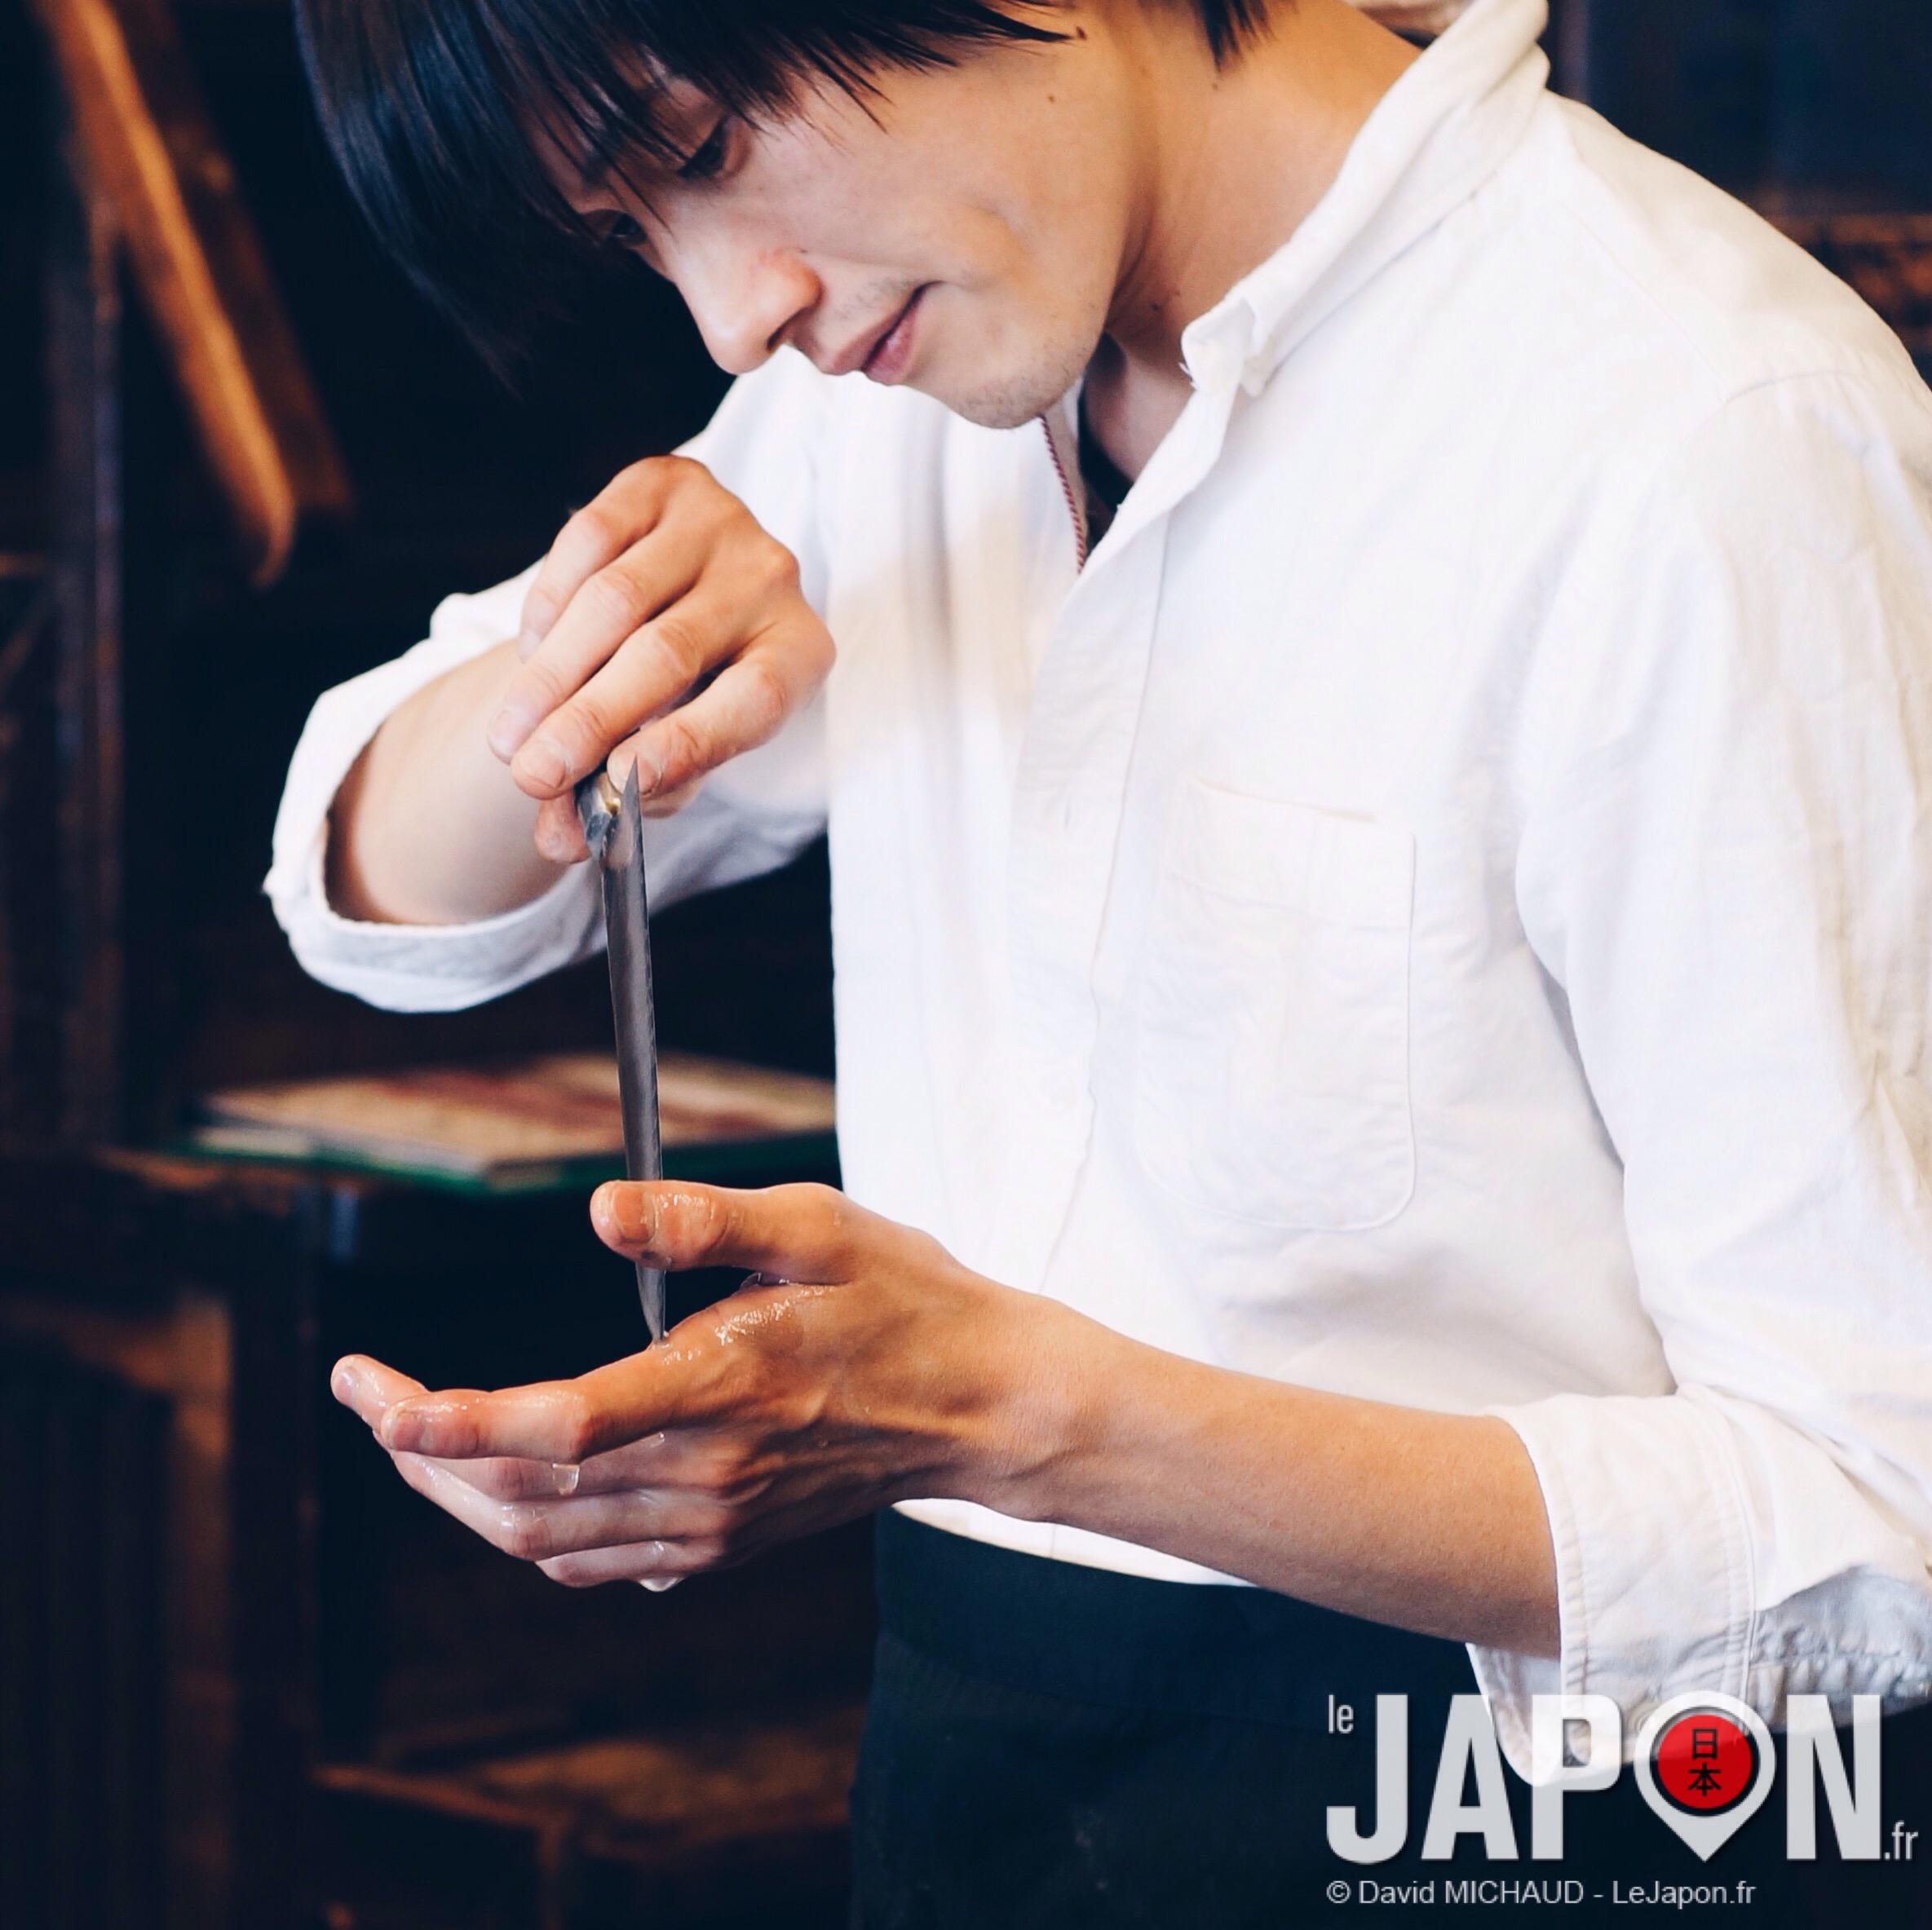 Un beau gosse amateur de lames bien affûtées… On croirait un héros de Shojo Manga